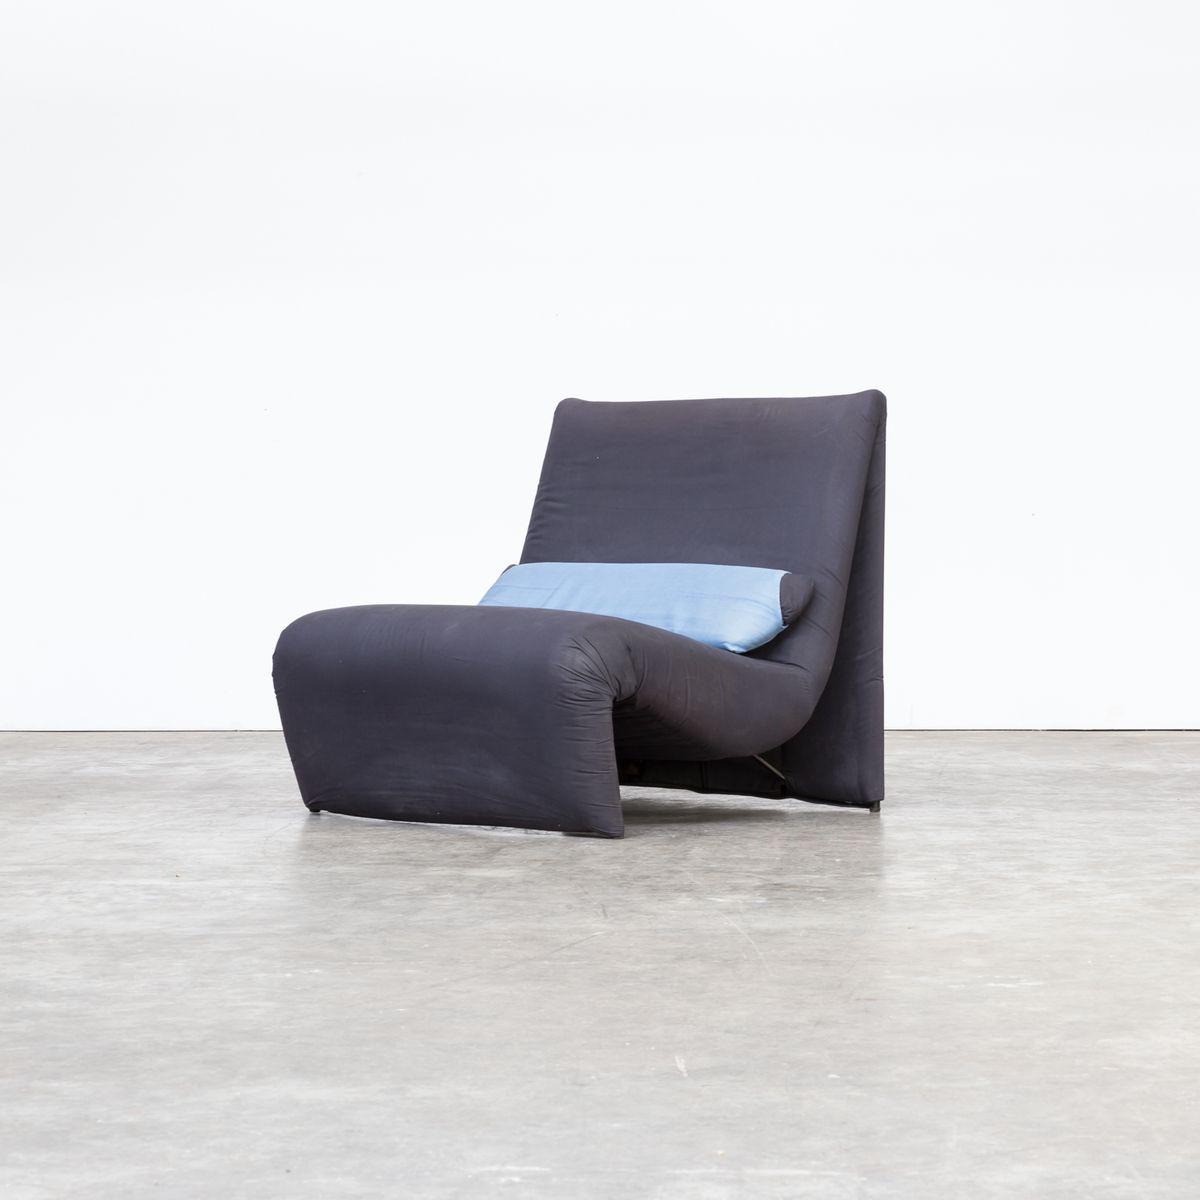 Sessel Amy Von Ligne Roset Preis Bequemer Sitzen Wenn Stühle Sich